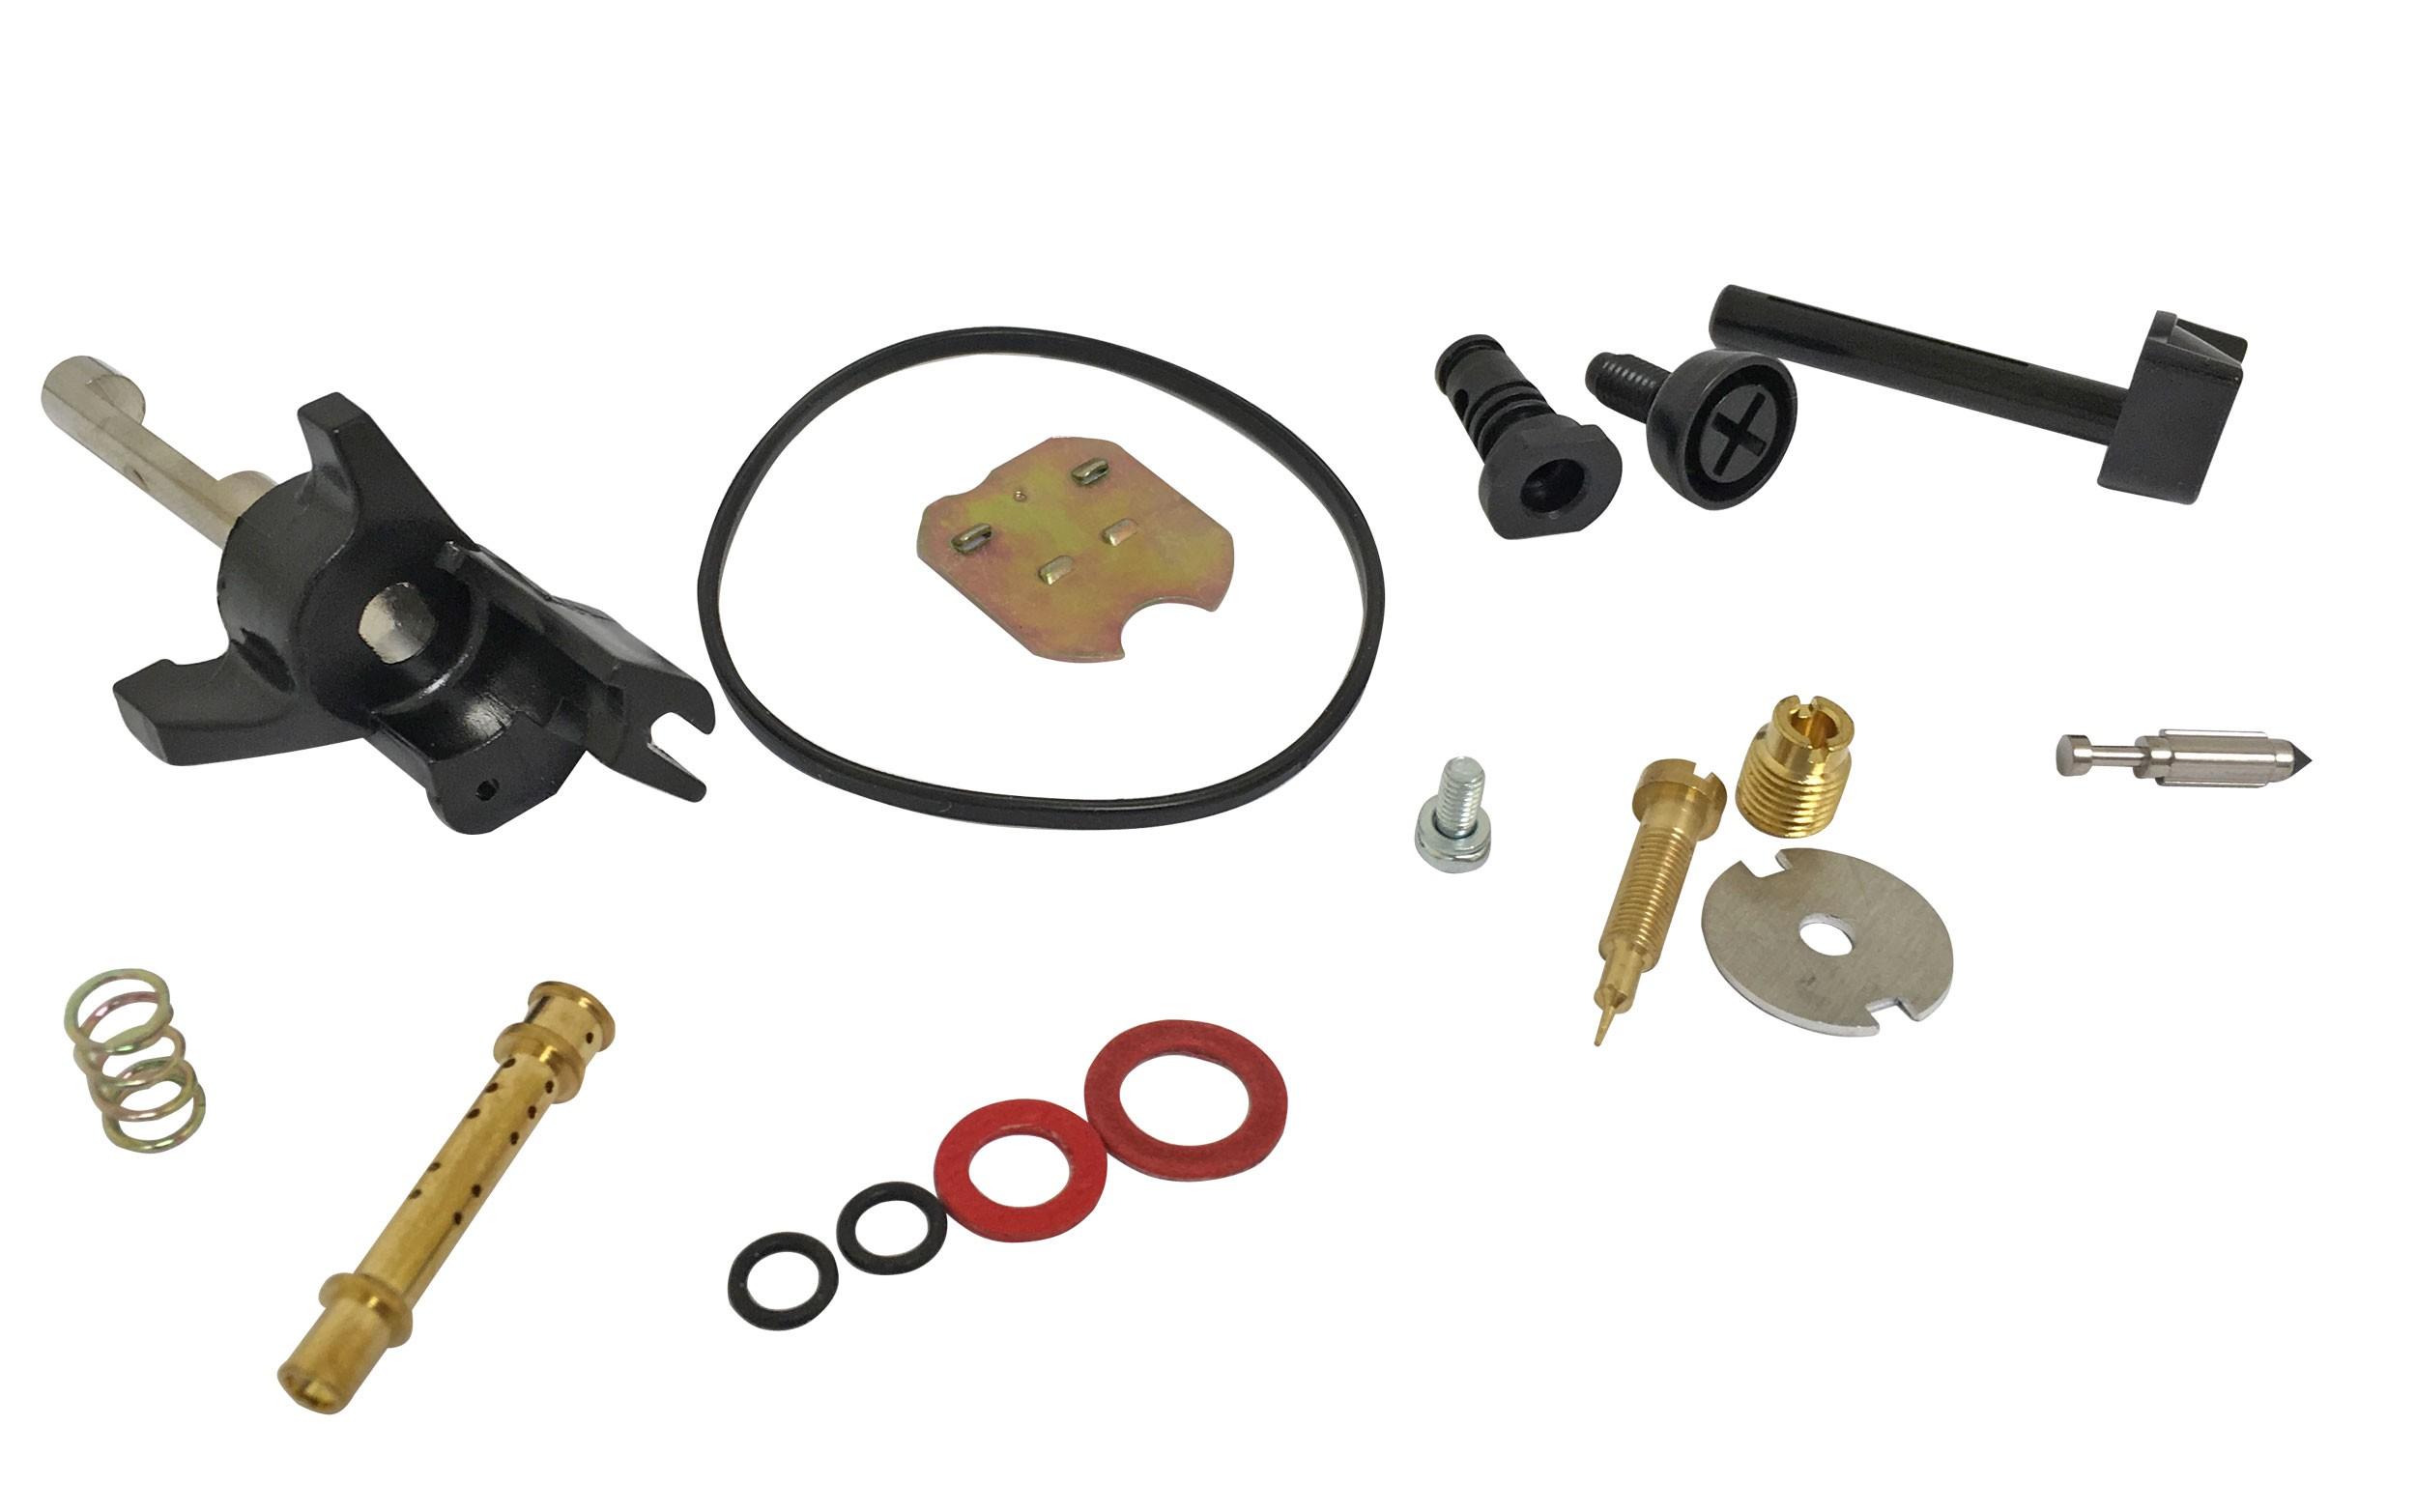 Honda 5 5 Hp Engine Carburetor Diagram Carburetor Rebuild Kit for 6 5 Hp Clone Gx 160 or Gx200 Engine Of Honda 5 5 Hp Engine Carburetor Diagram